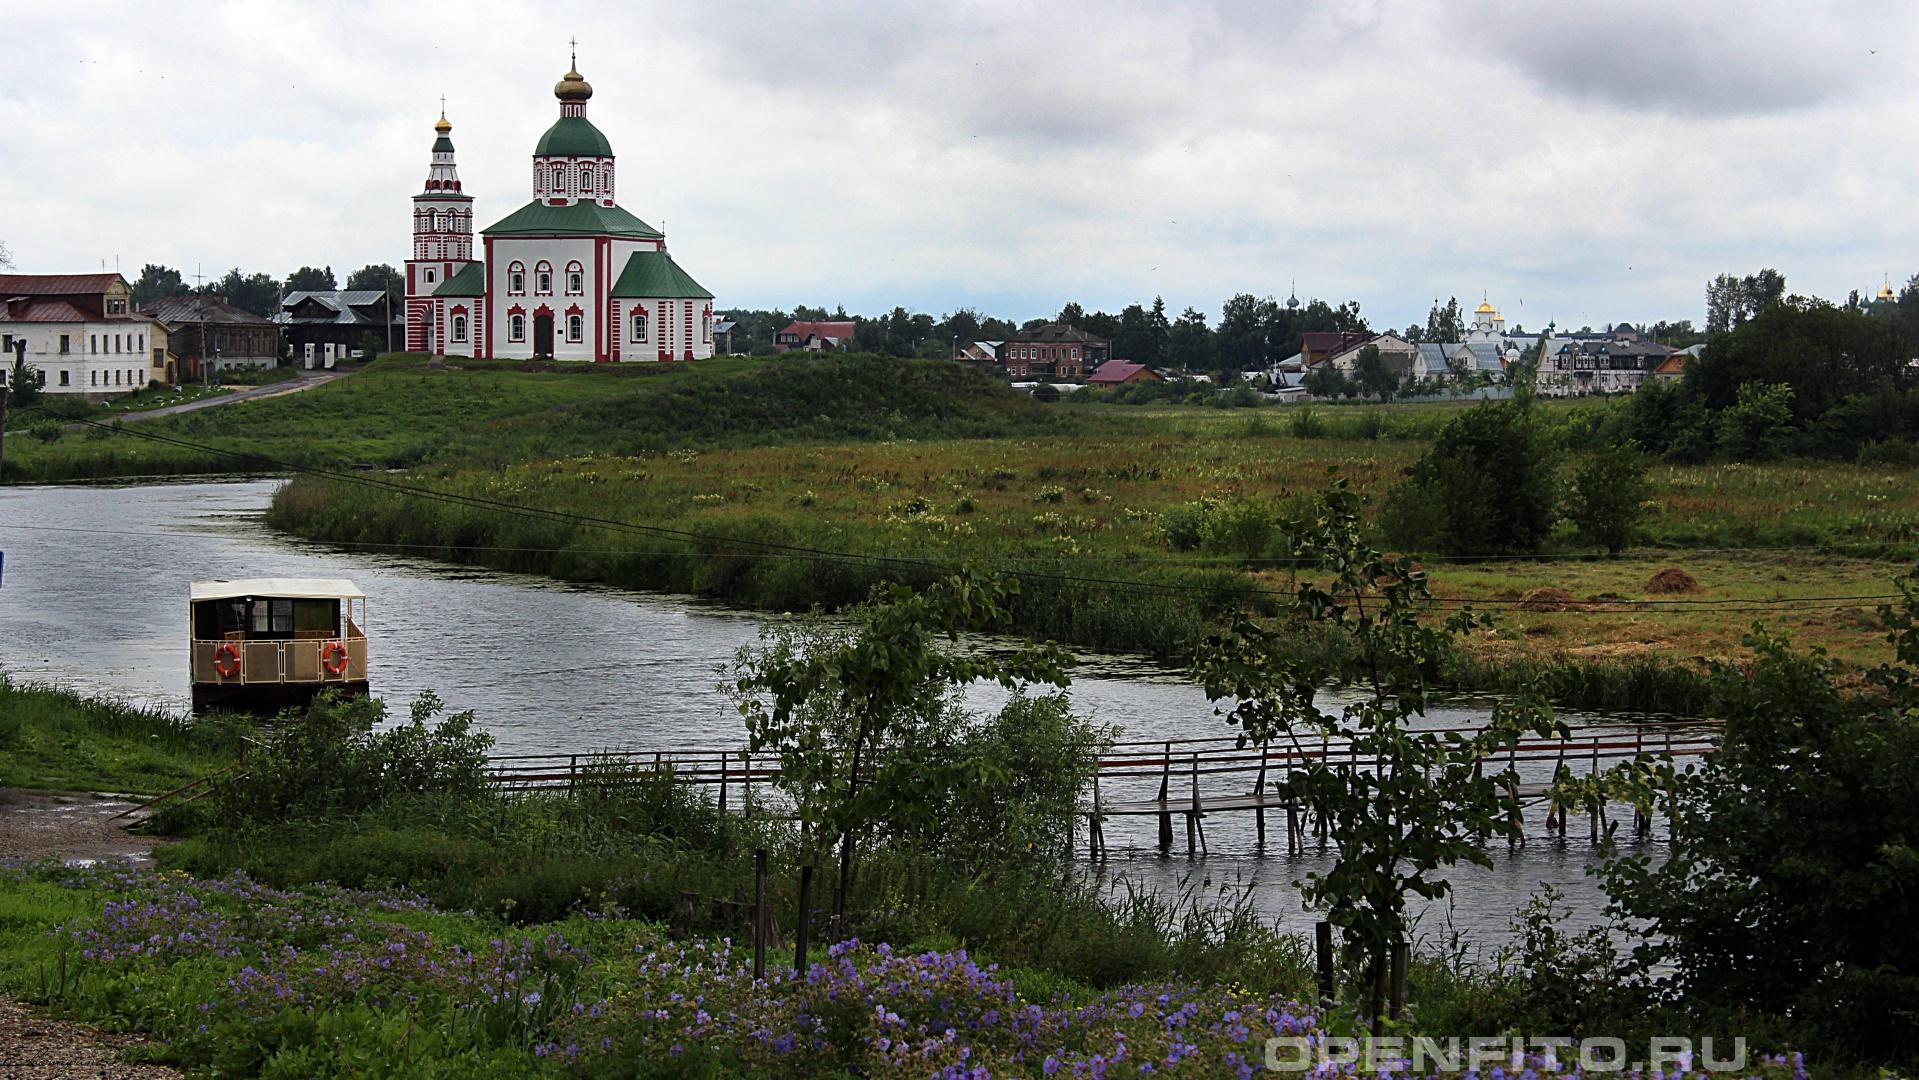 Церковь Ильи Пророка Церковь Ильи Пророка, город Суздаль, Владимирская область